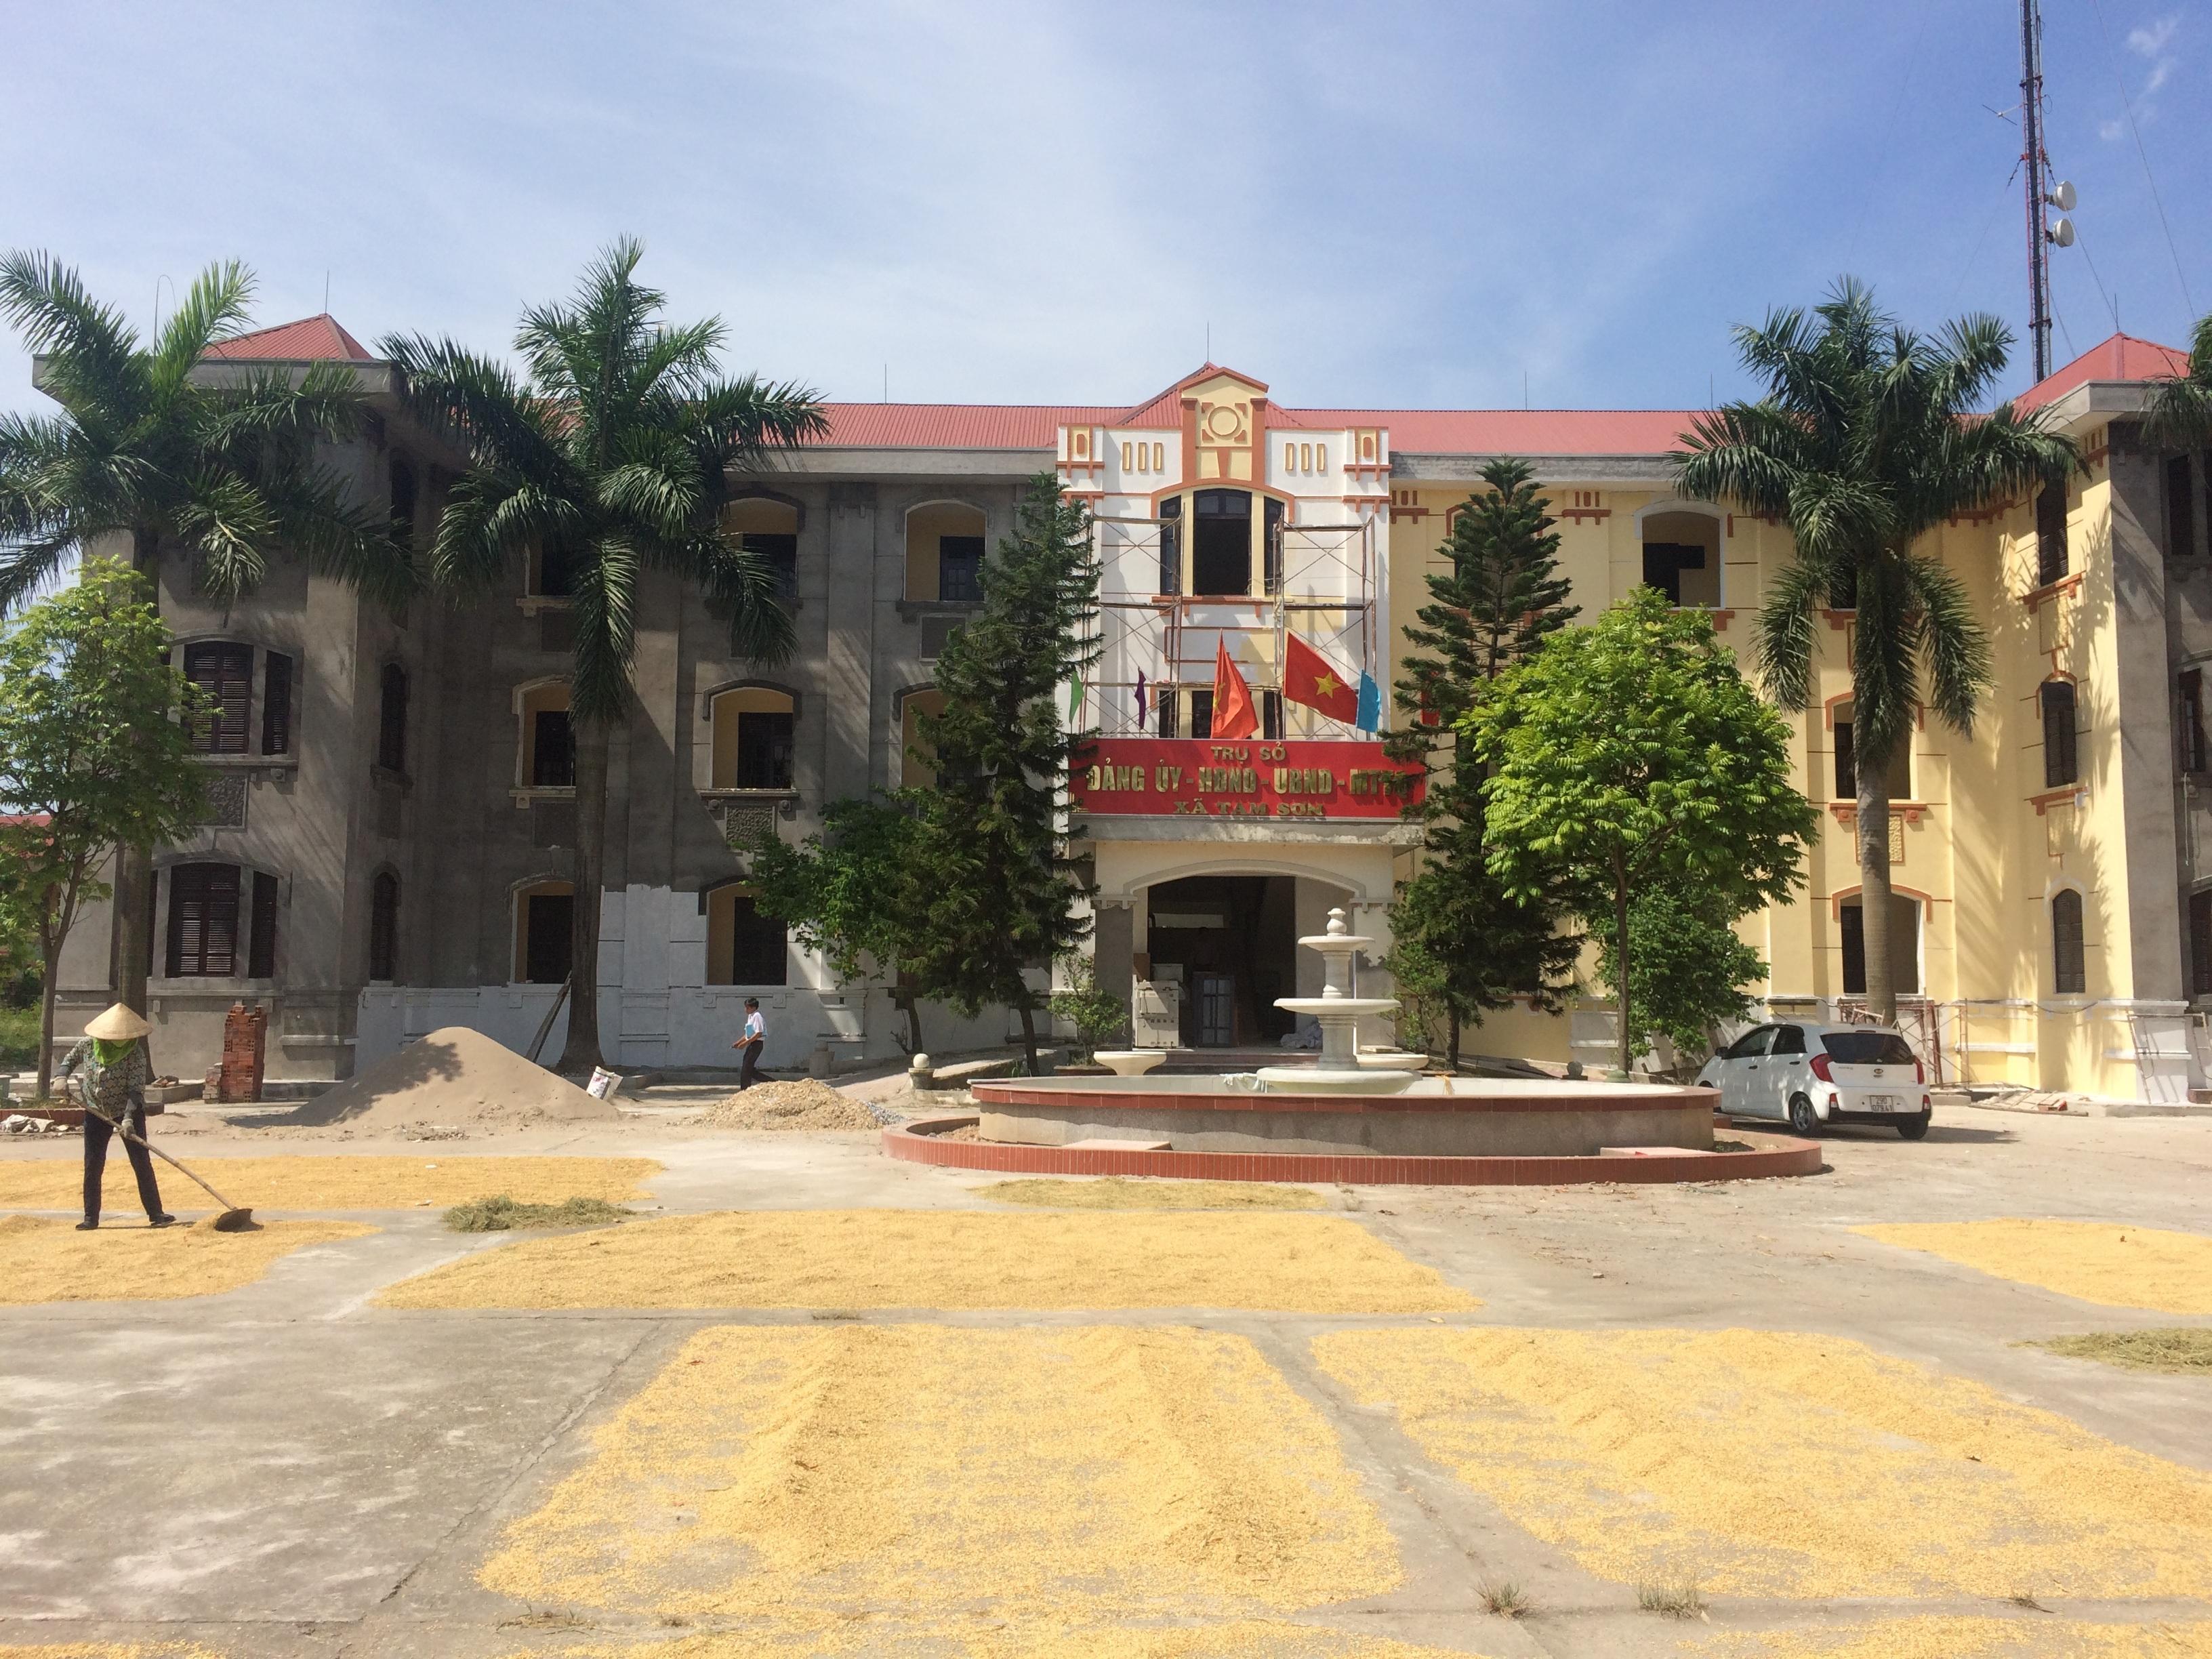 Trụ sở các cơ quan chính quyền xã Tam Sơn (thị xã Từ Sơn, Bắc Ninh) được cho là quá quy mô, lãng phí trong khi có nhiều việc khác cấp thiết hơn cần đầu tư.